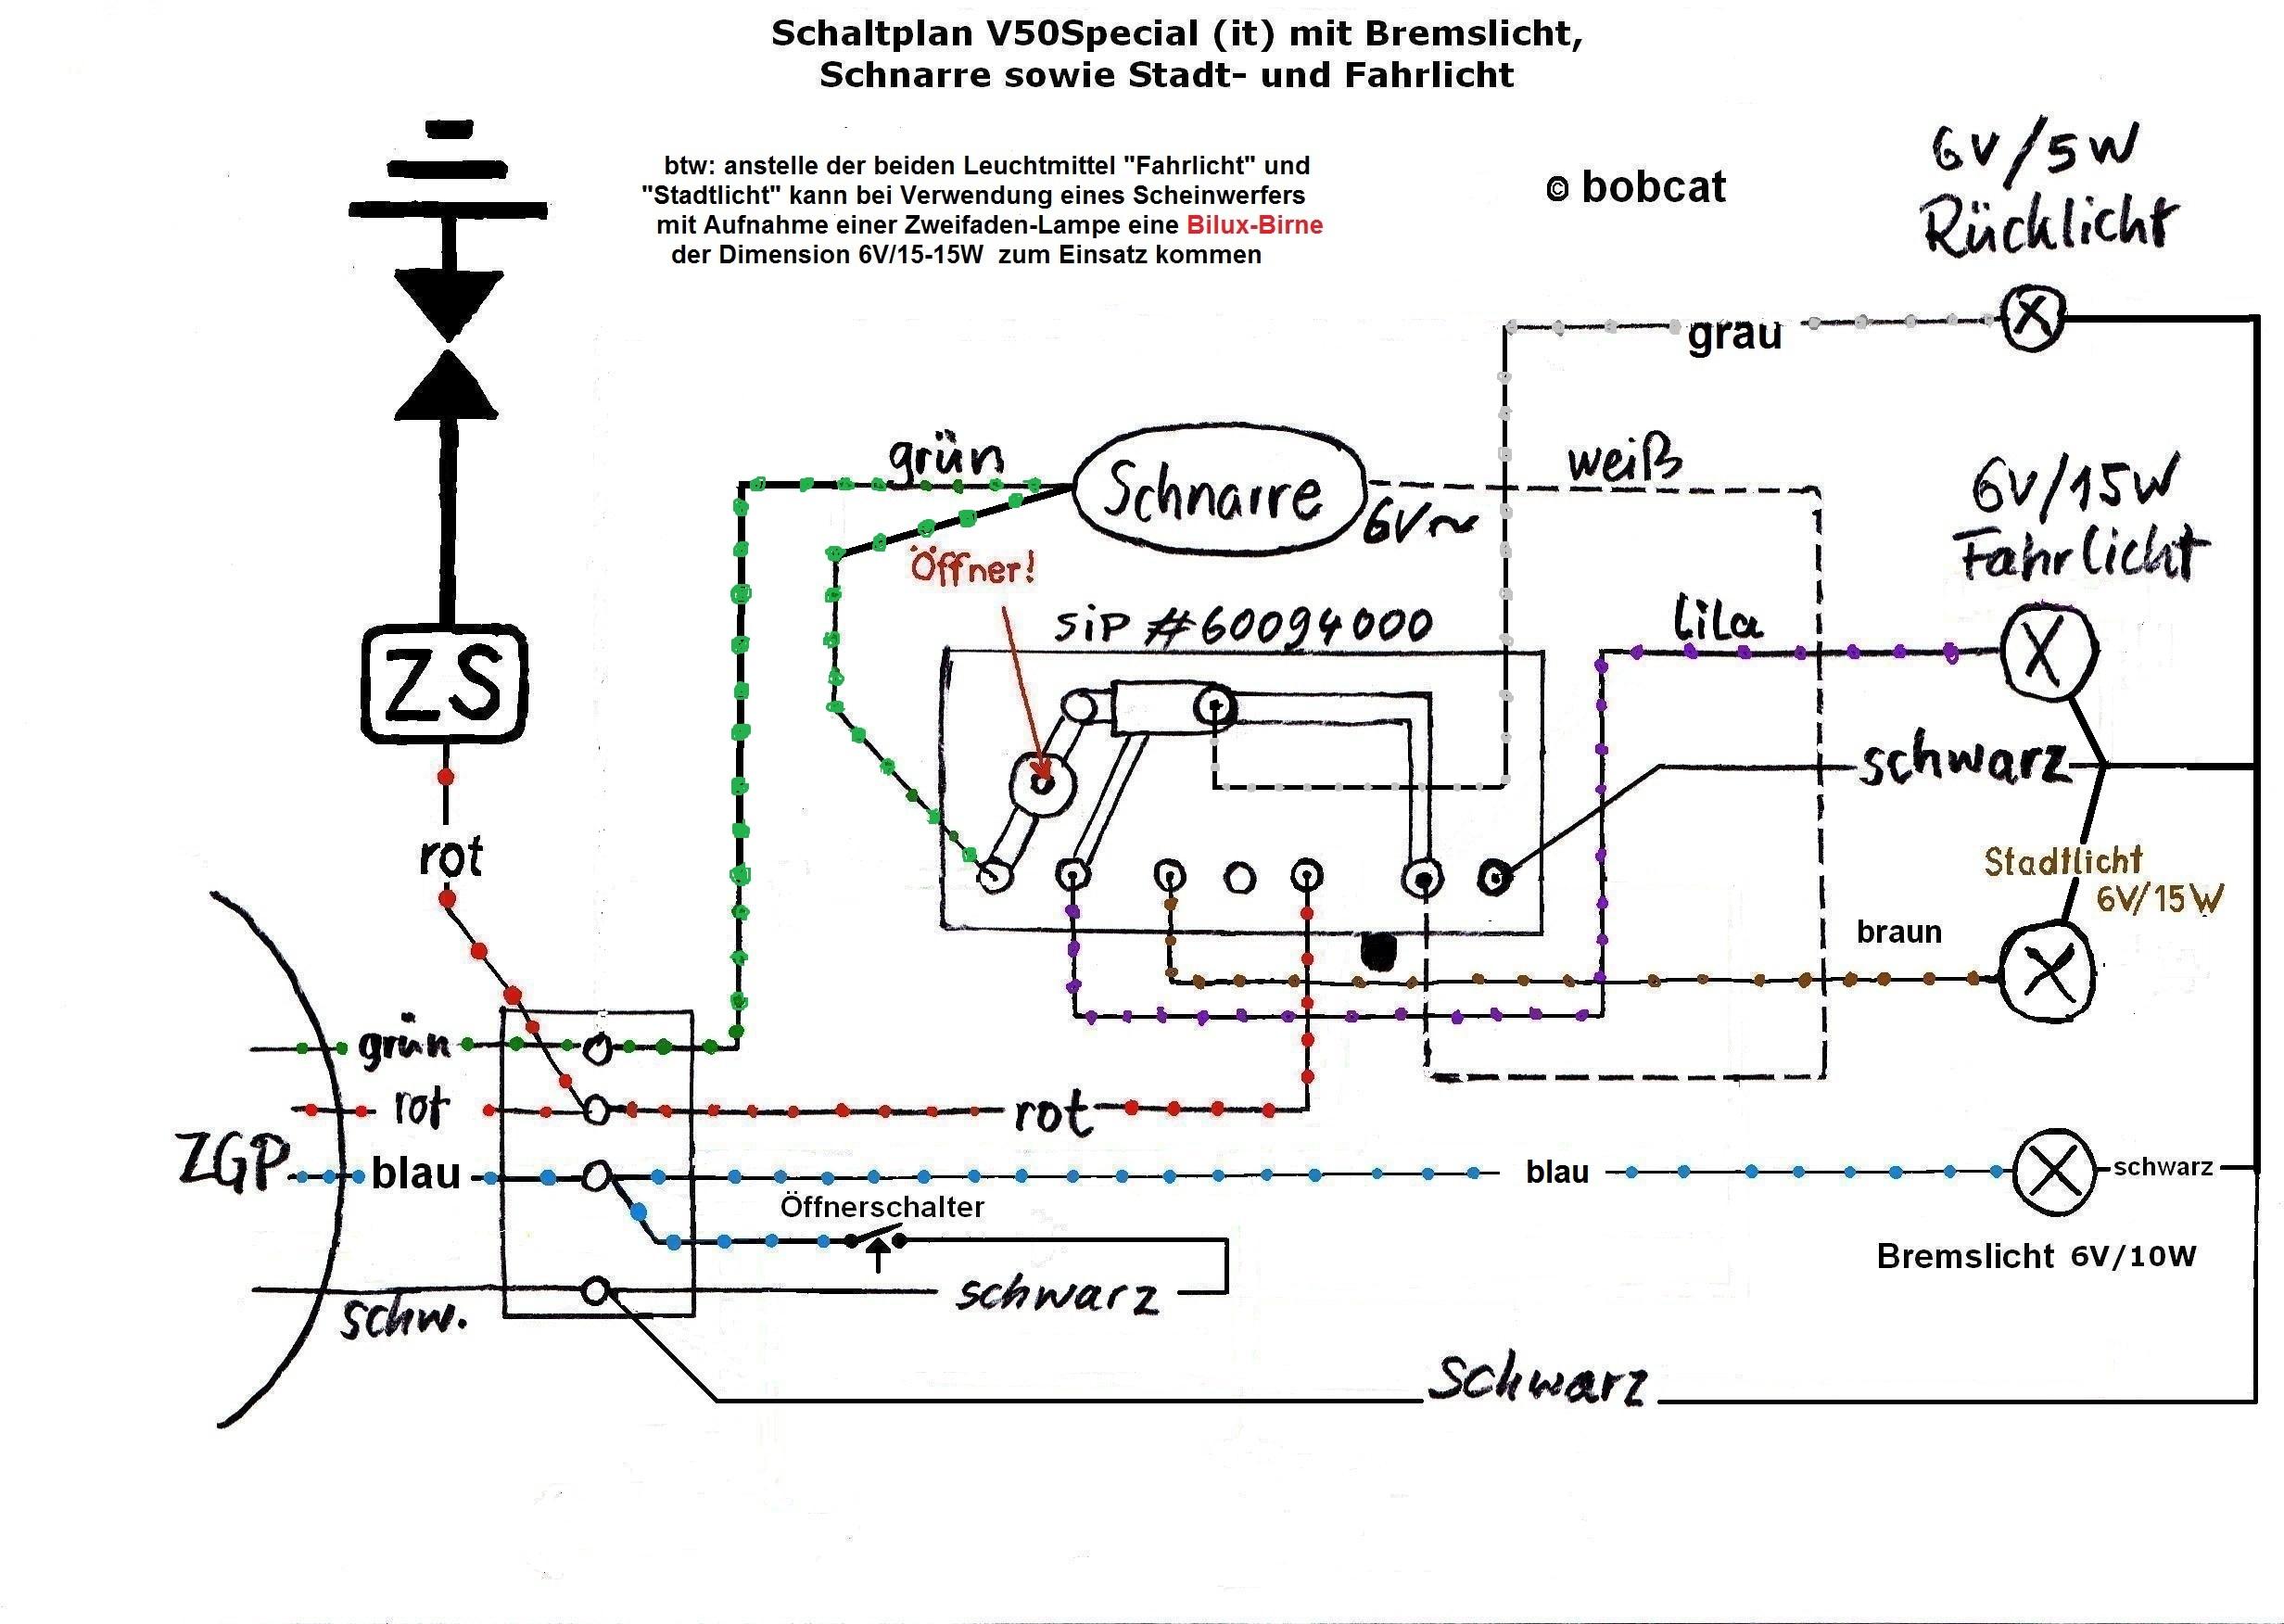 Fantastisch Verkabelung Bremslichter Fotos - Der Schaltplan ...